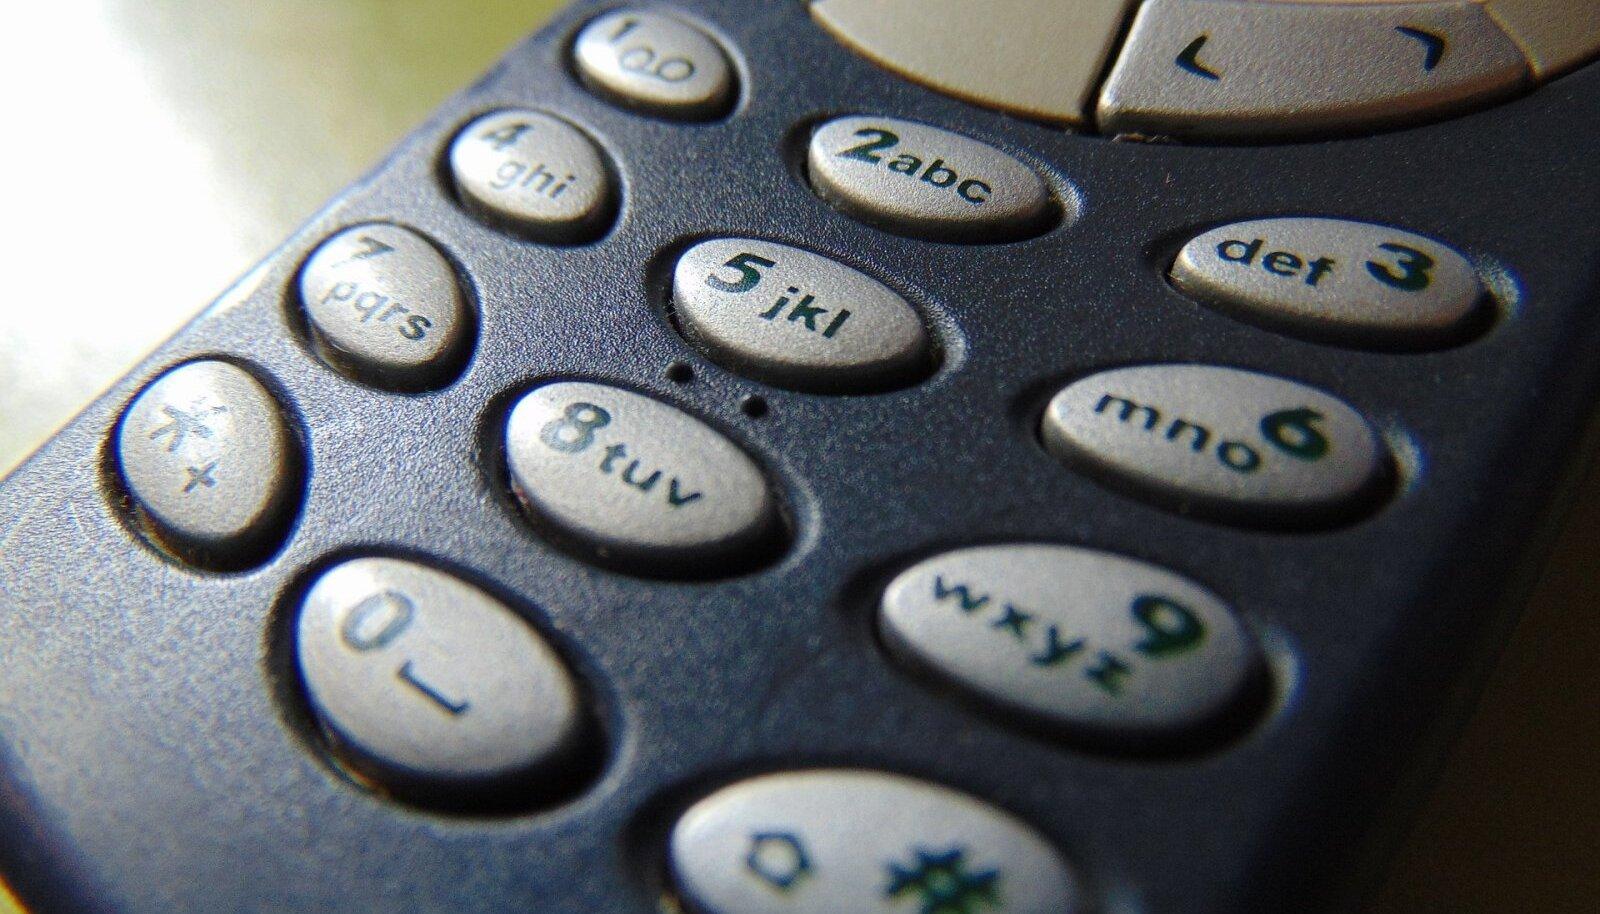 Mäletate veel sellist telefoni? Kõik oli ise vahetatav ja tuunitav.